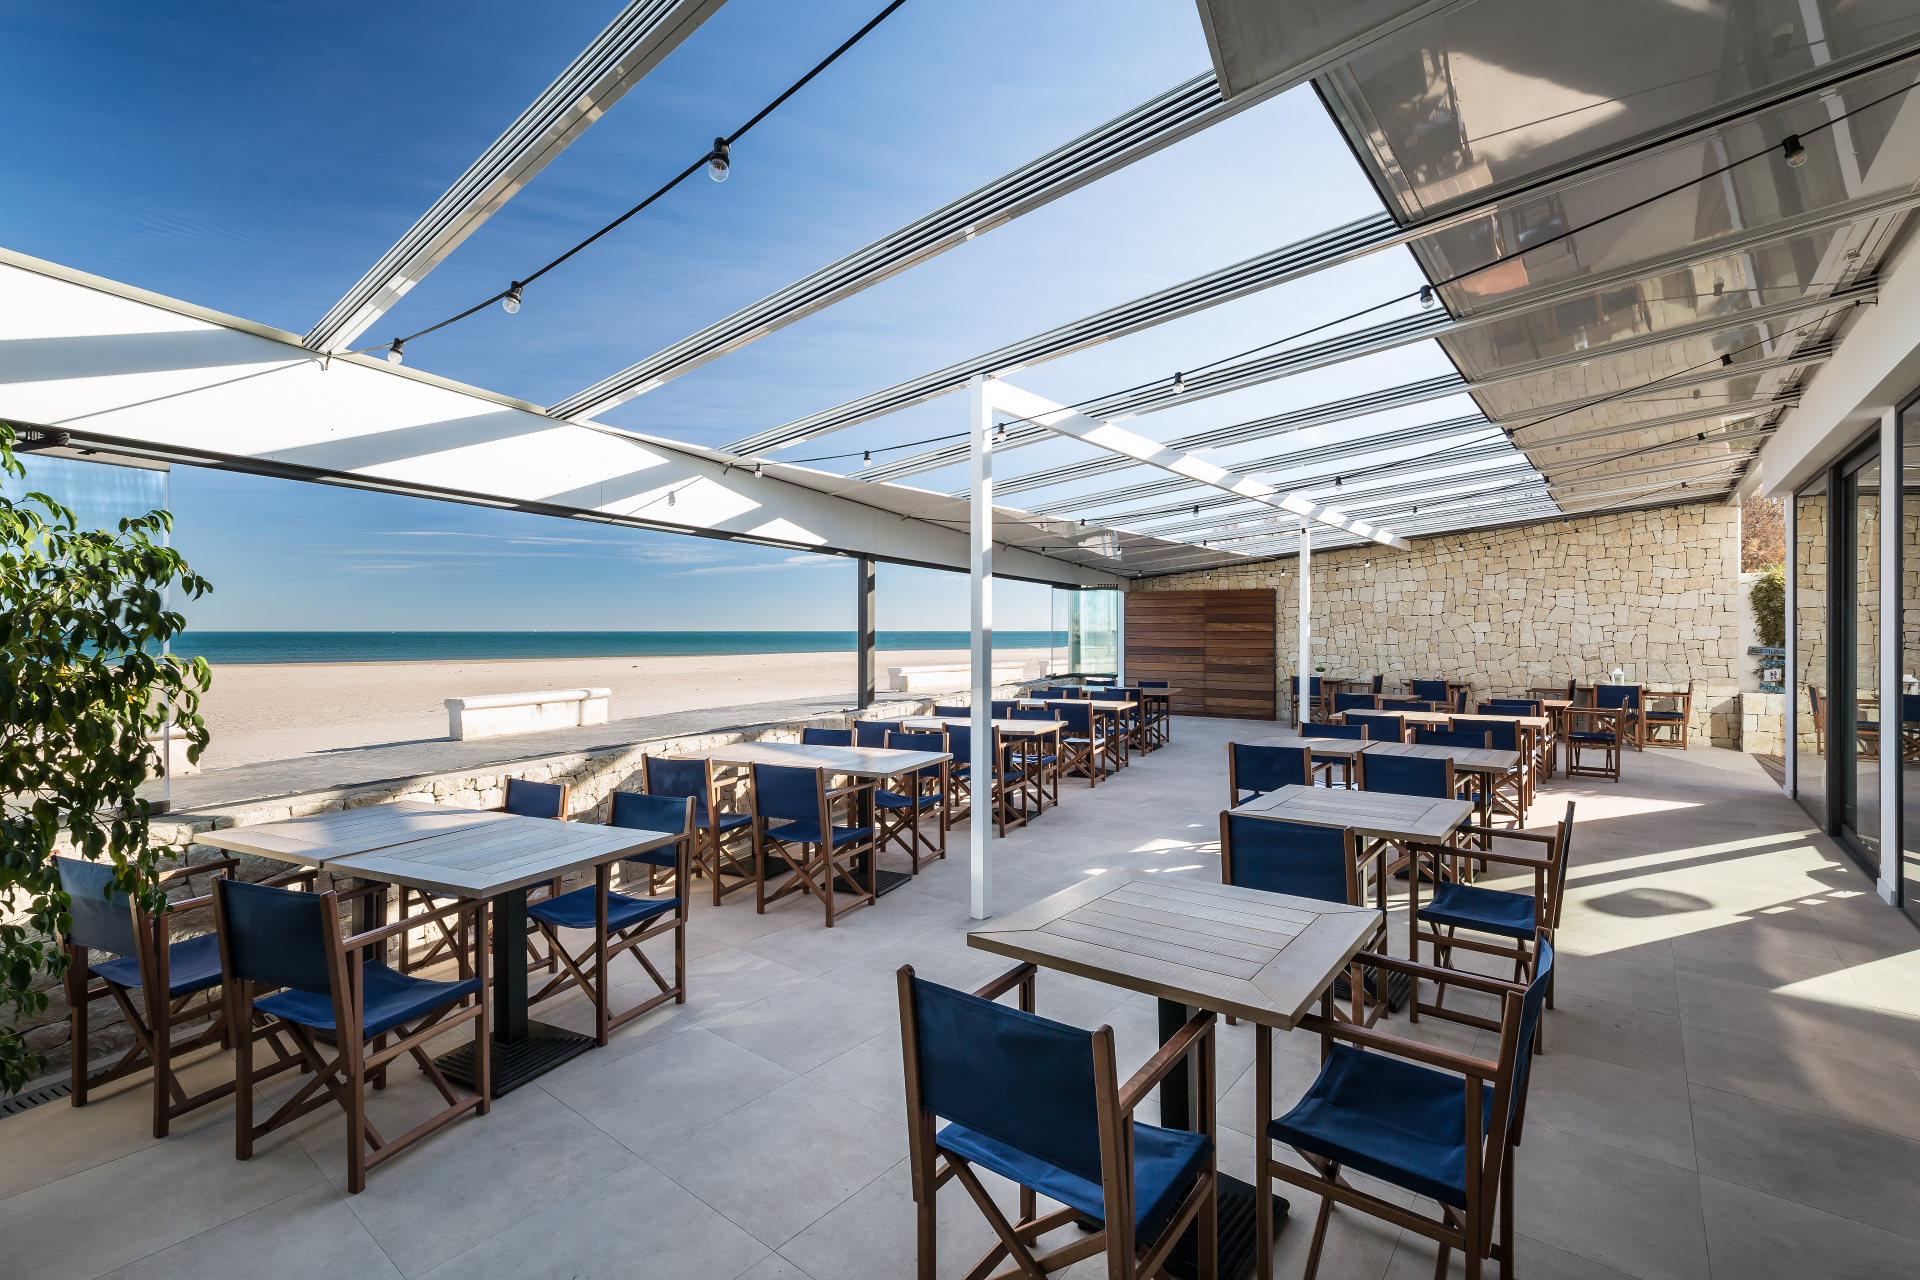 Restaurante la ferrera valencia versea fotograf a arquitectura - Restaurante en pinedo ...